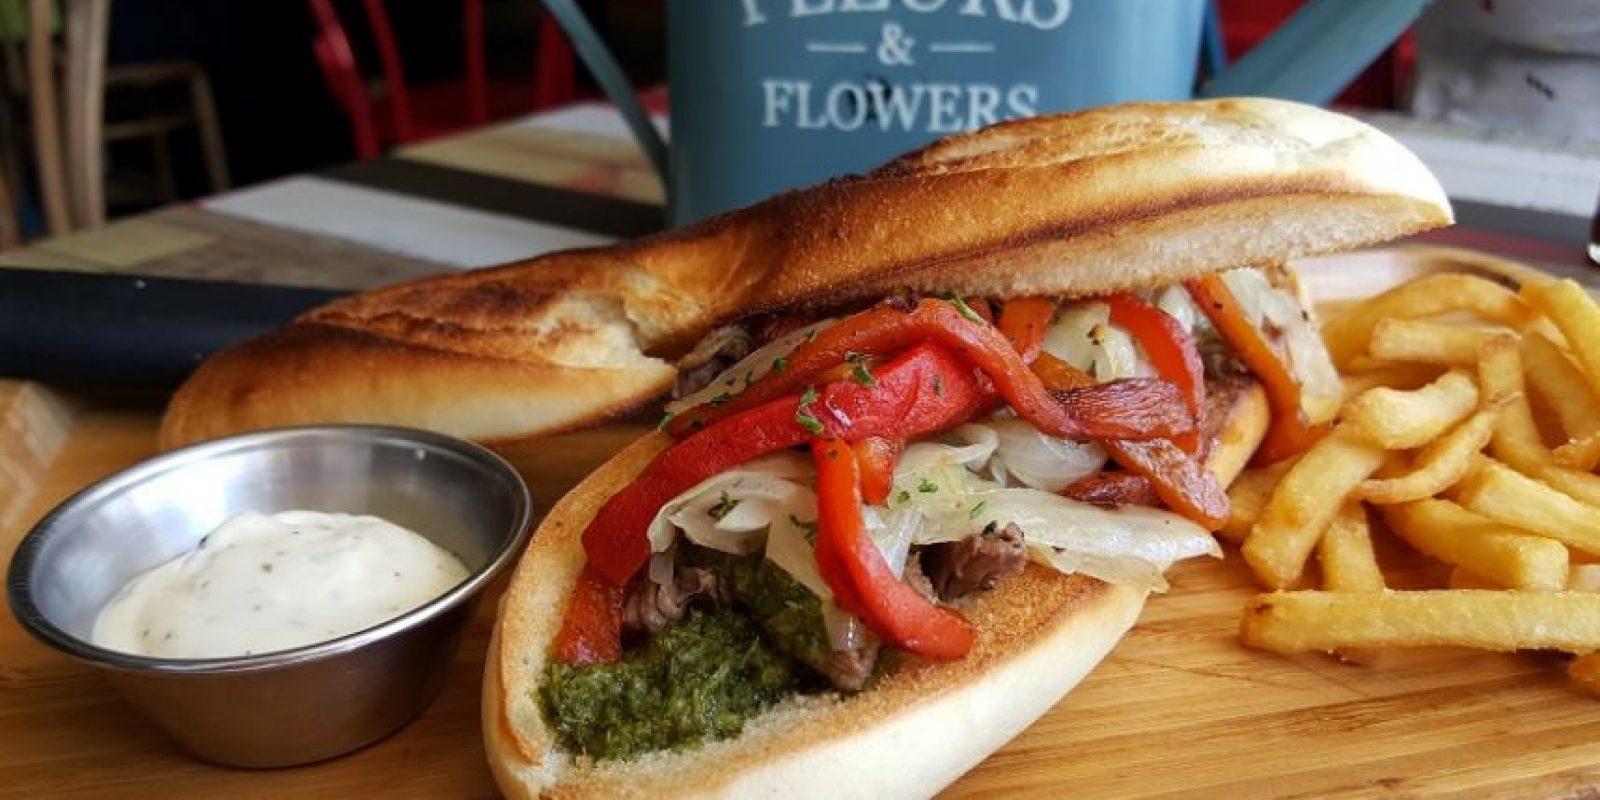 El Pipe. De una selección de más de 10 recetas, nosotros optamos por este sándwich compuesto por vacío de res a la parrilla, cebollas a la plancha y pimientos rostizados, con salsa chimichurri, en pan baguette grillado. Foto:Fuente externa